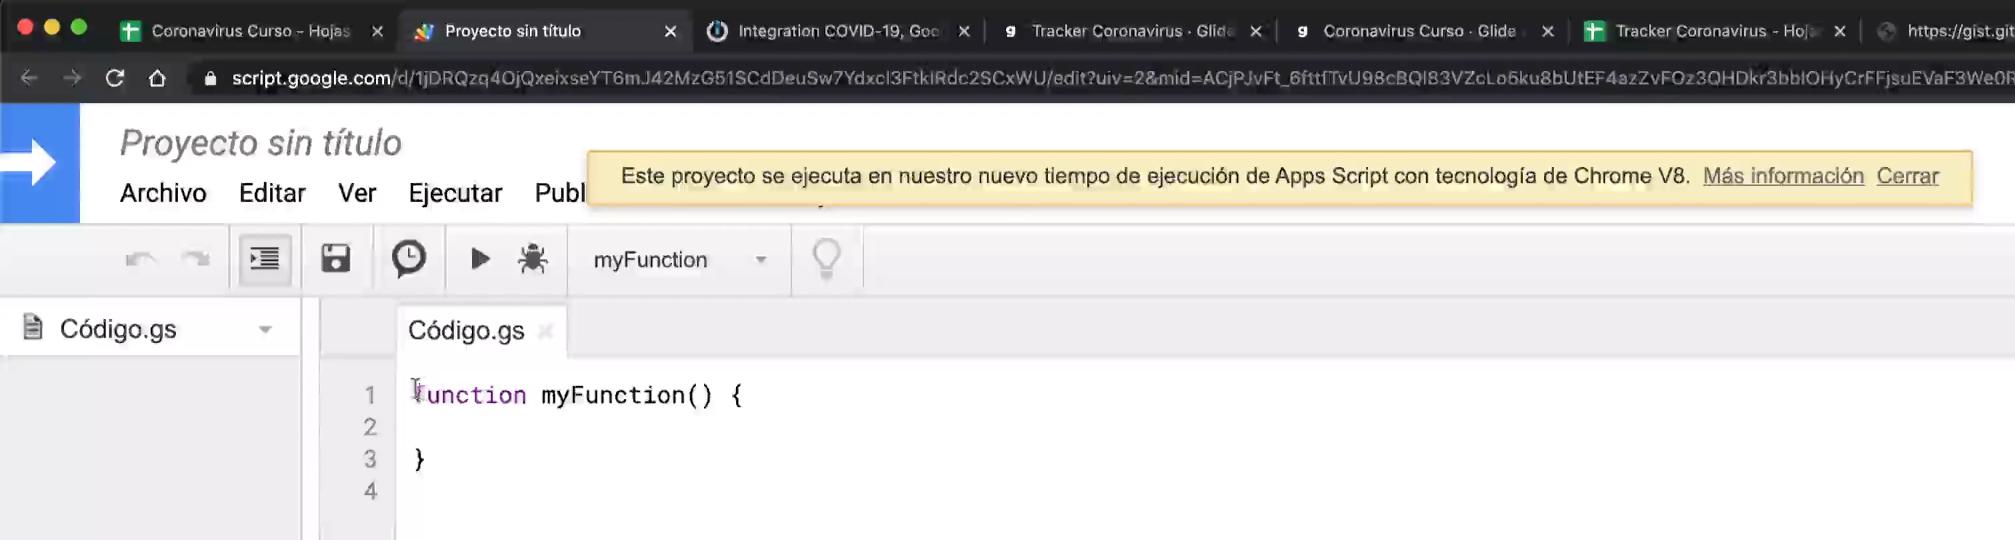 Google Drive secuencia de comandos